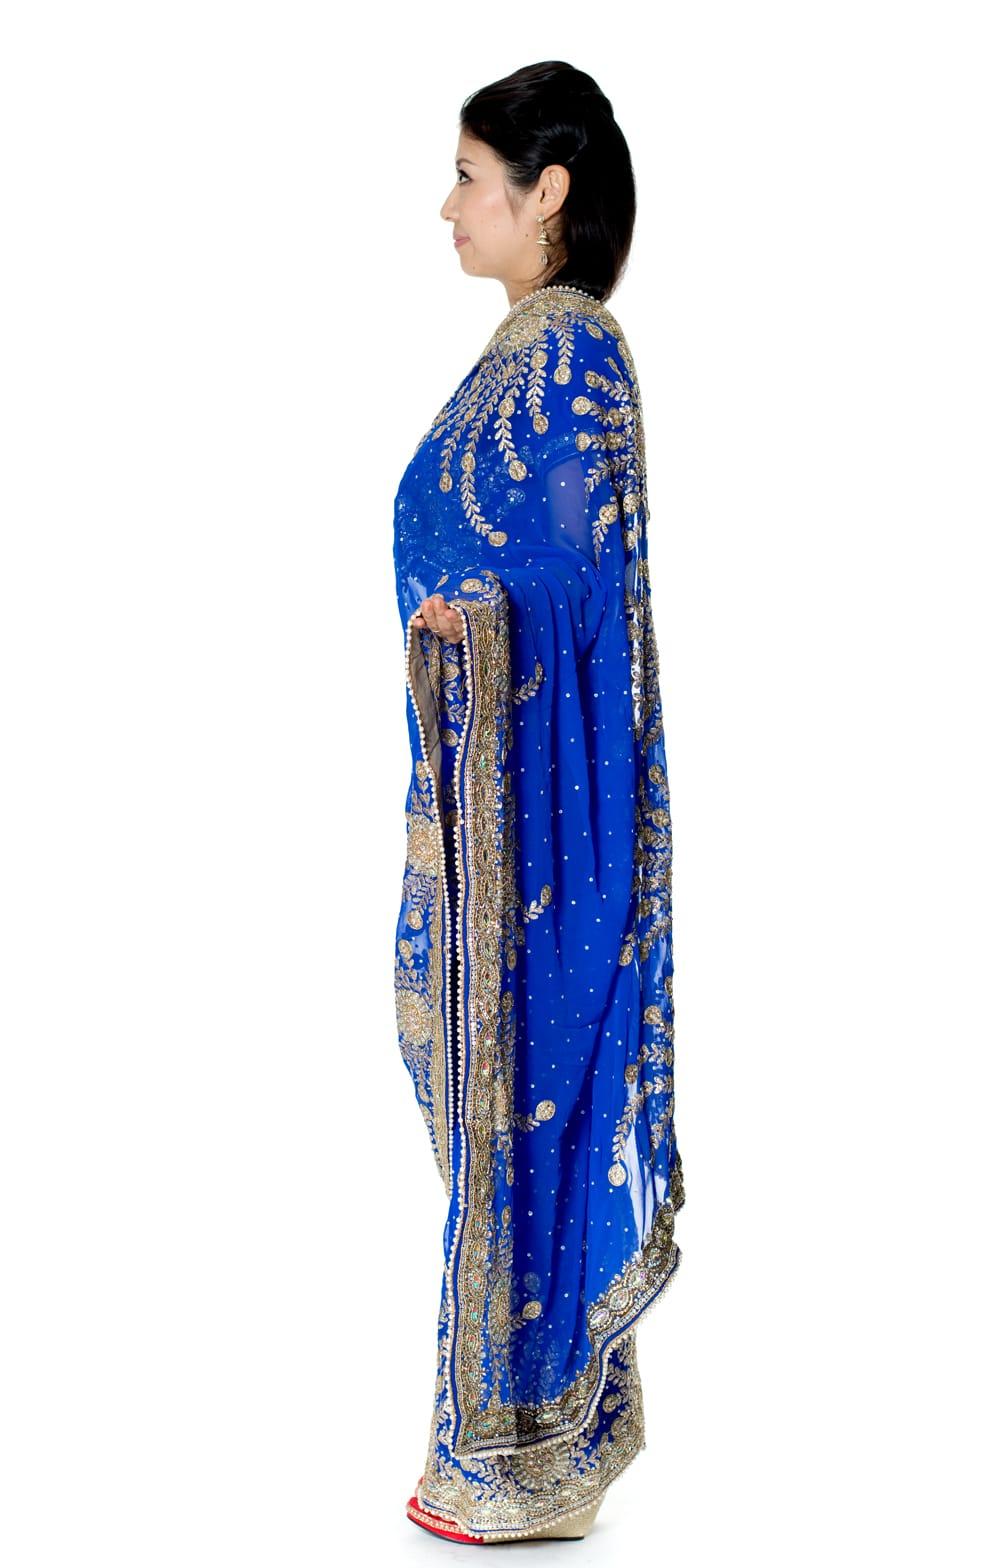 【一点物】孔雀の羽刺繍の婚礼用ゴージャス ジョーゼットサリー【チョリ付き】 - 青 2 - 横からの写真です